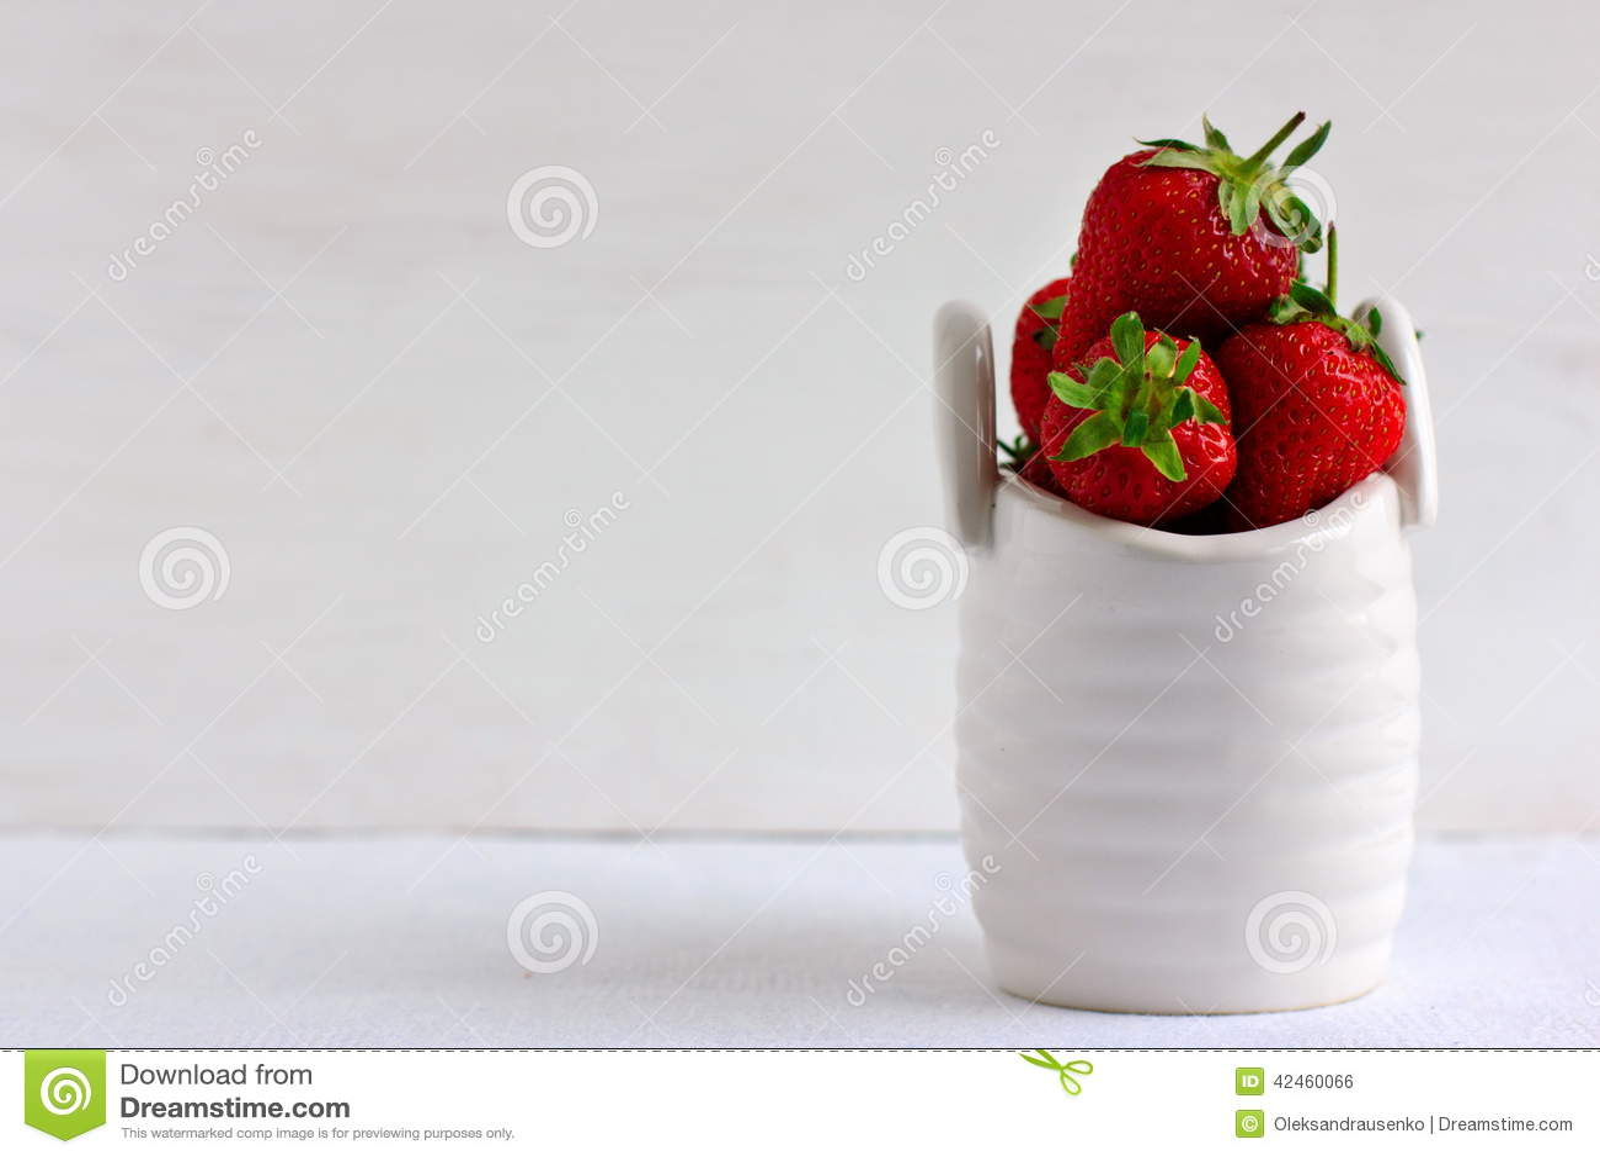 Erdbeeren im keramischen Korb